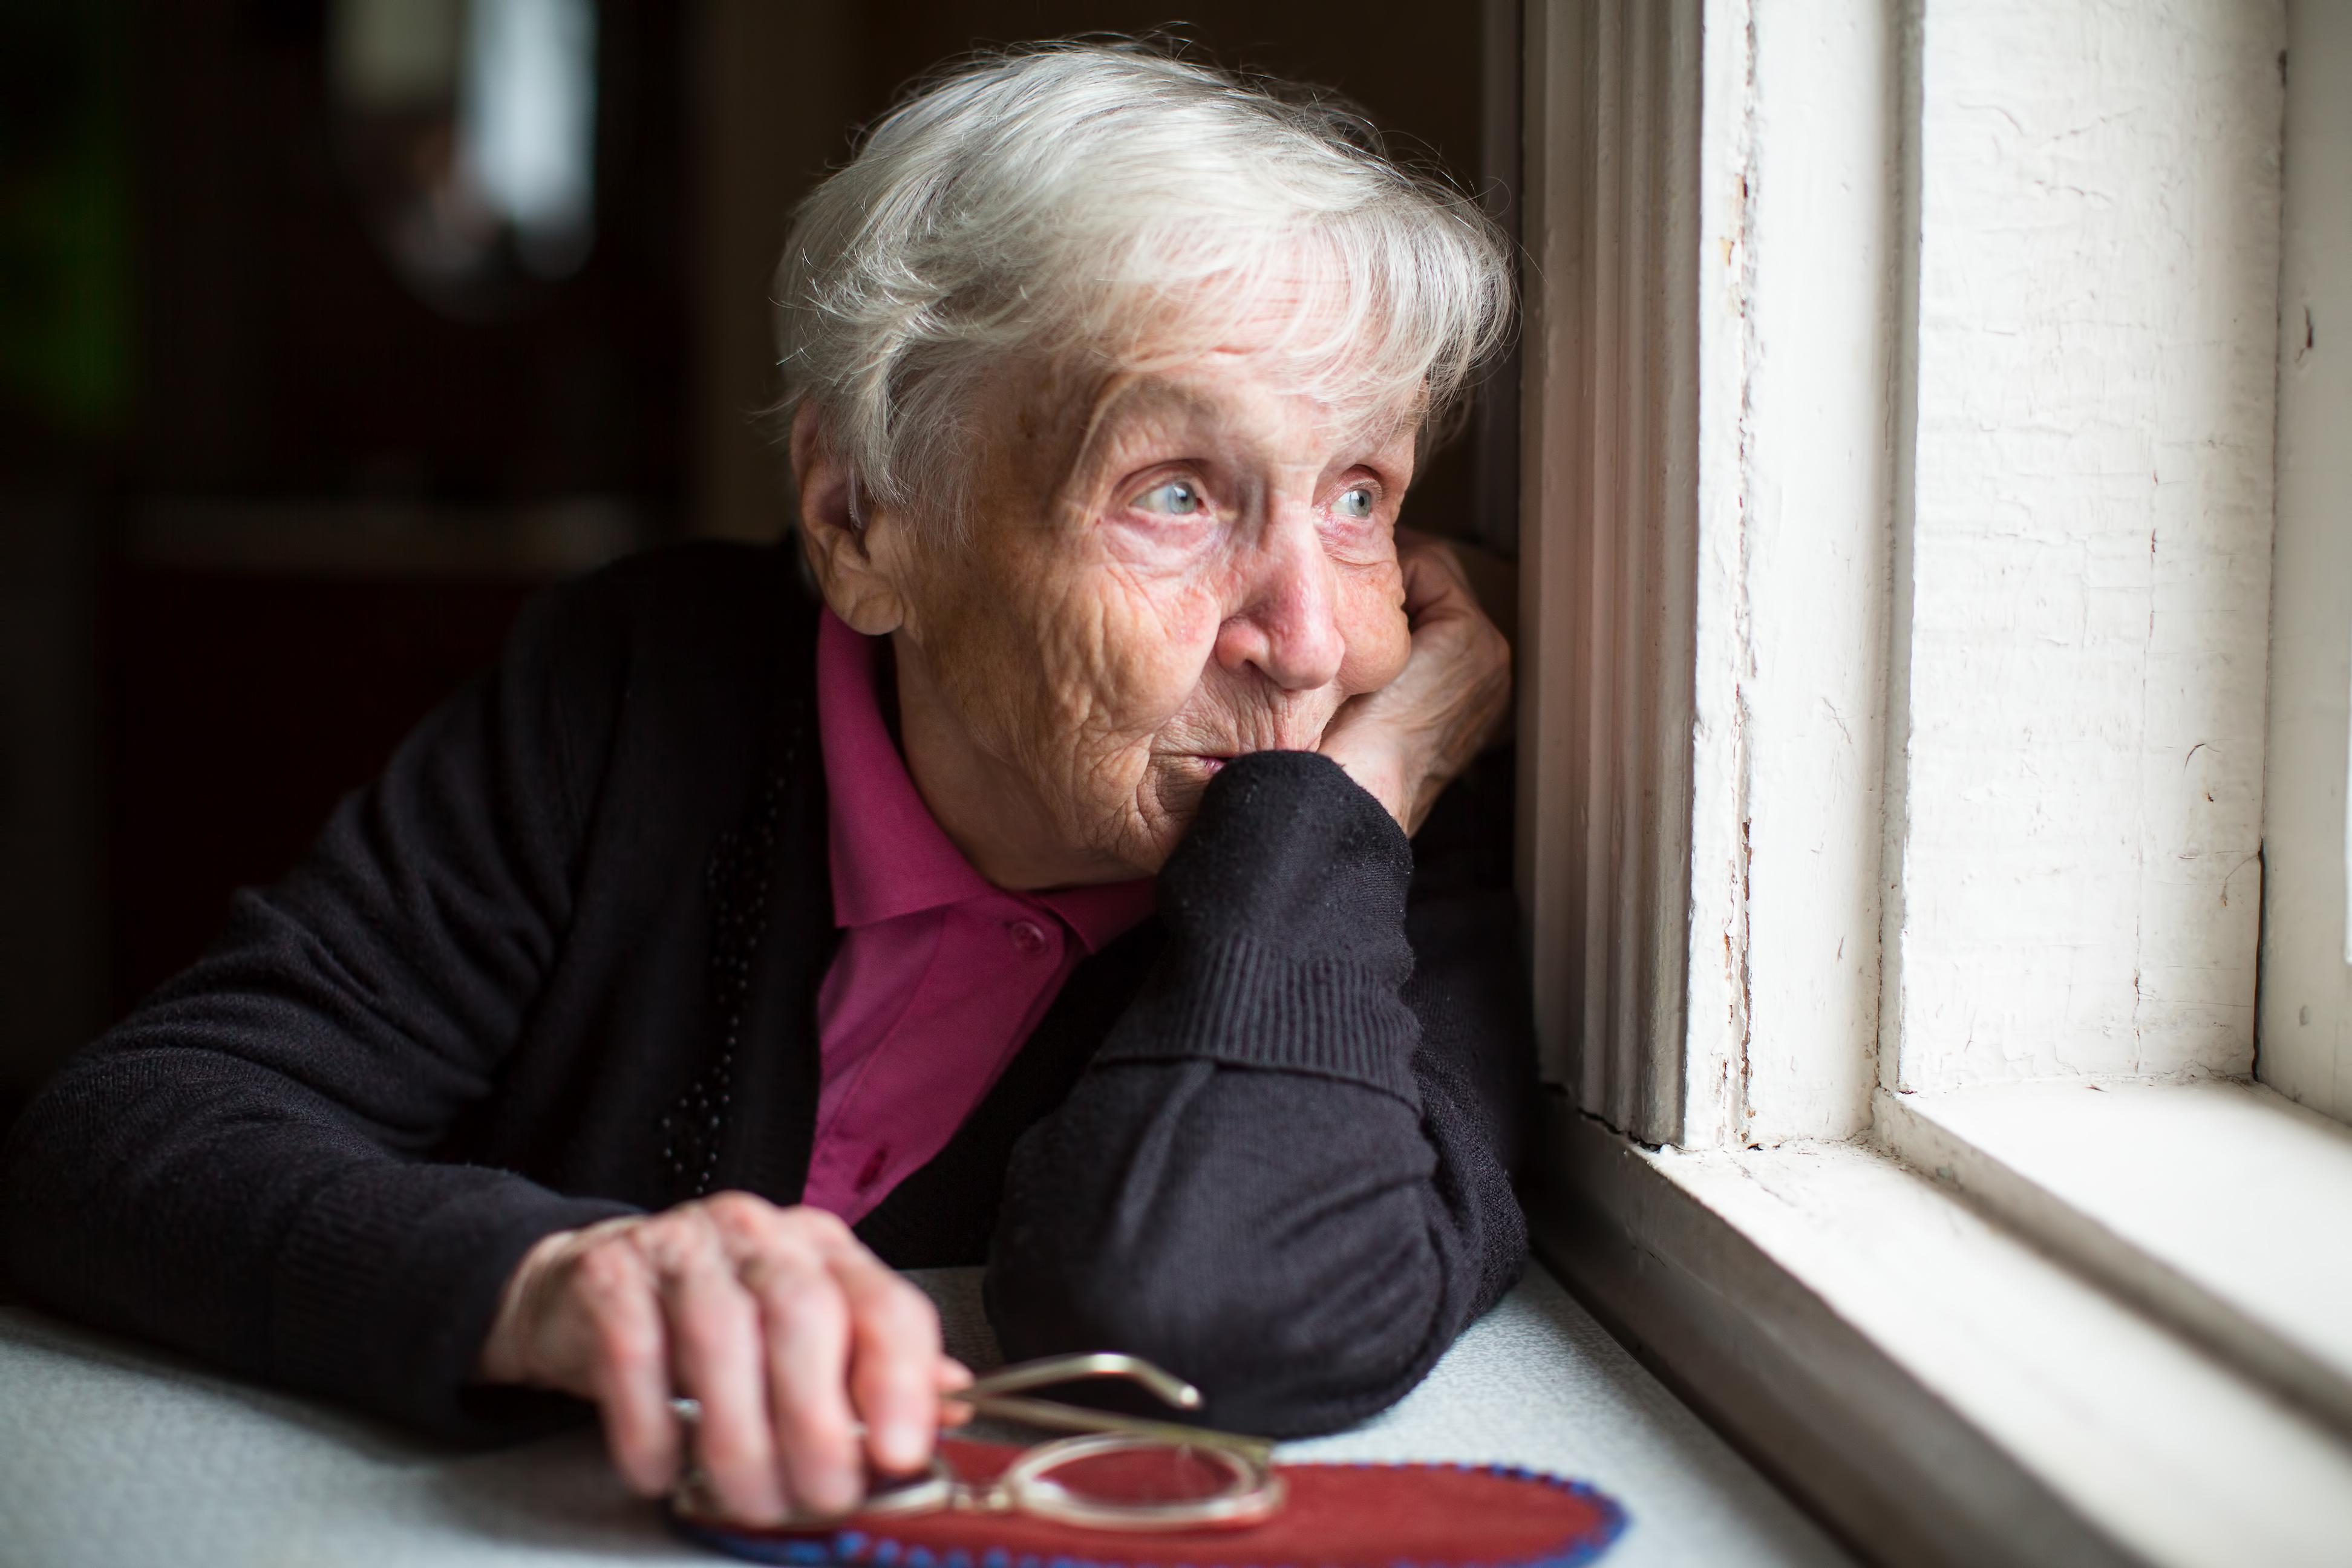 Andelen deprimerade i 70-årsåldern har sjunkit, och minskningen är tydligast bland kvinnor.